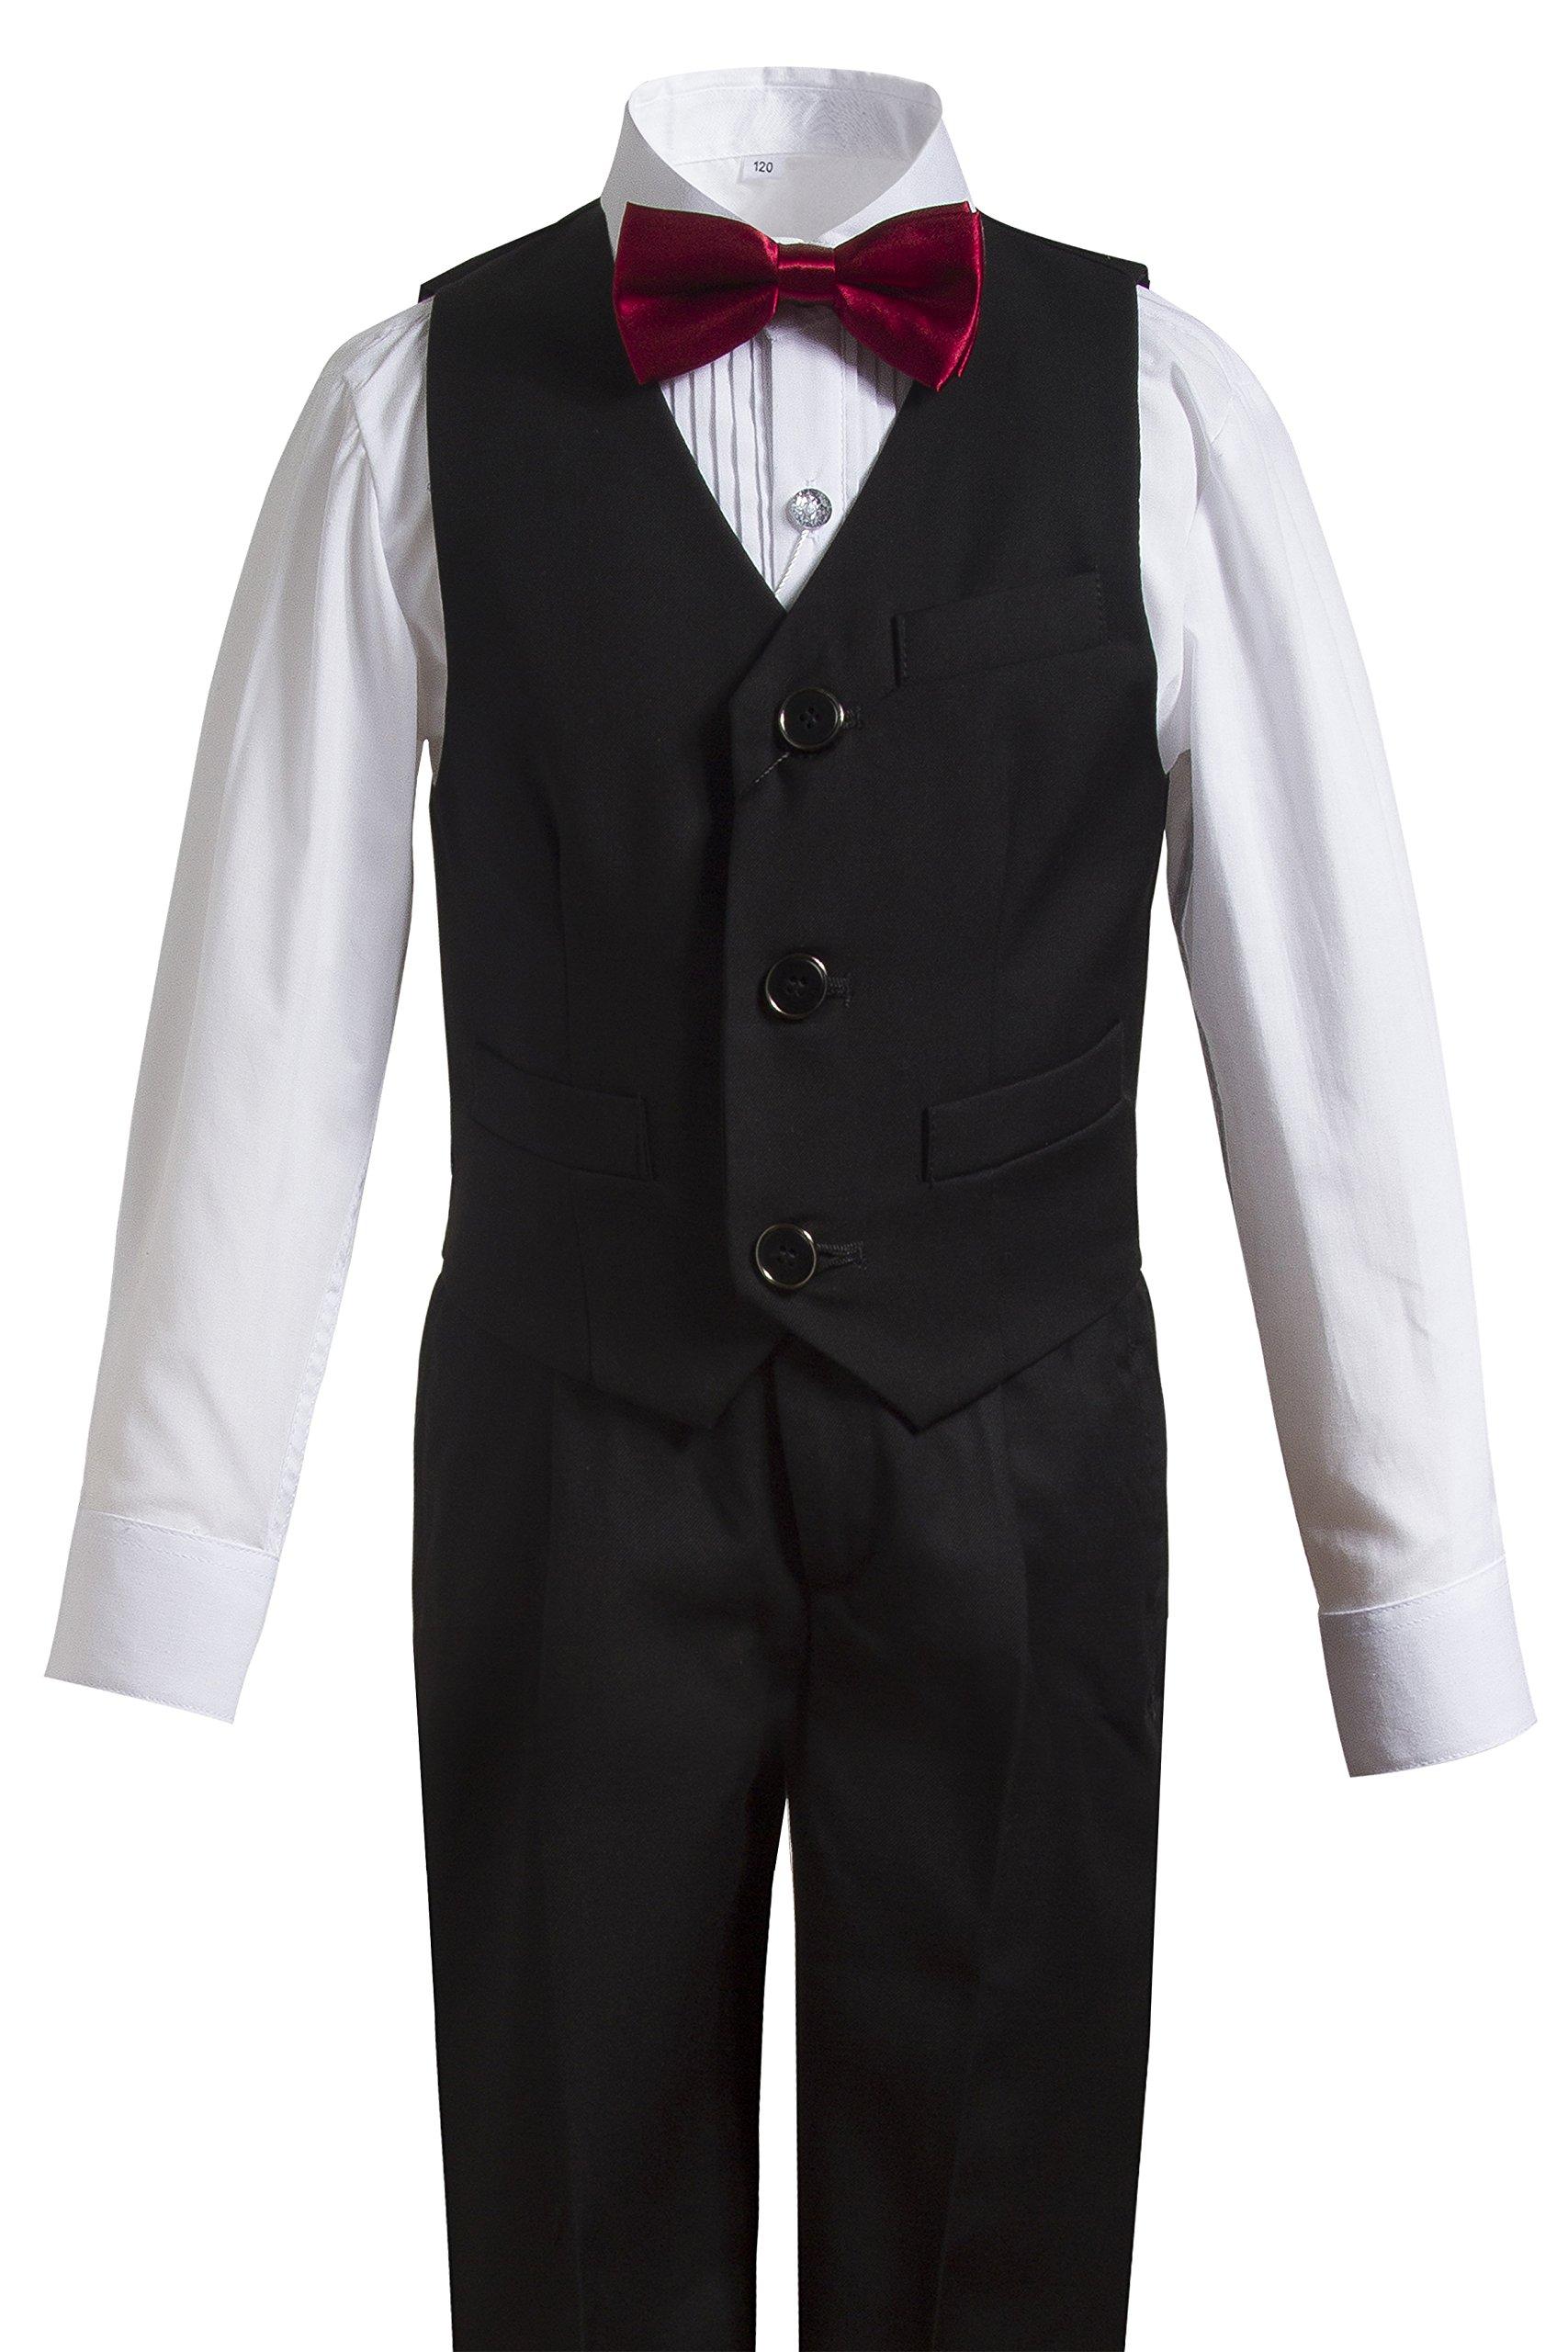 Gele Boy 4 Pieces Formal Wear Suit,Vest+Pants+Shirt+Bow Tie (5, Black)